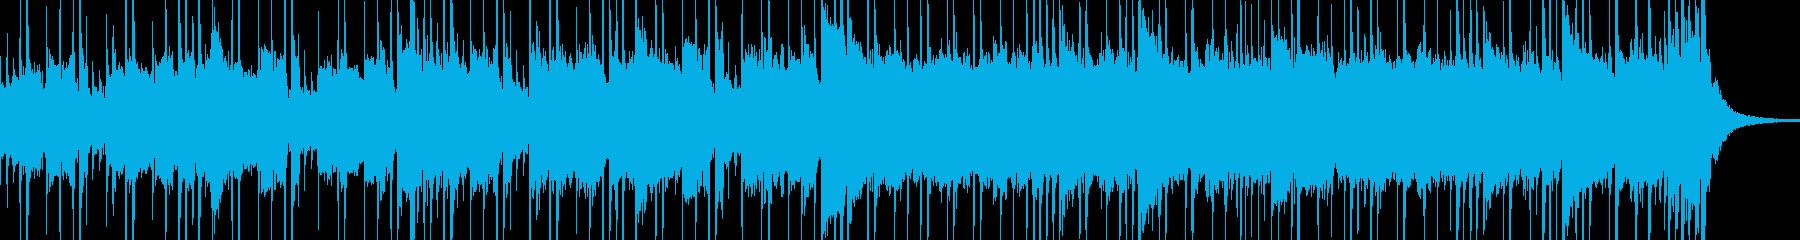 少しだけ緊張感のあるロックジングルの再生済みの波形